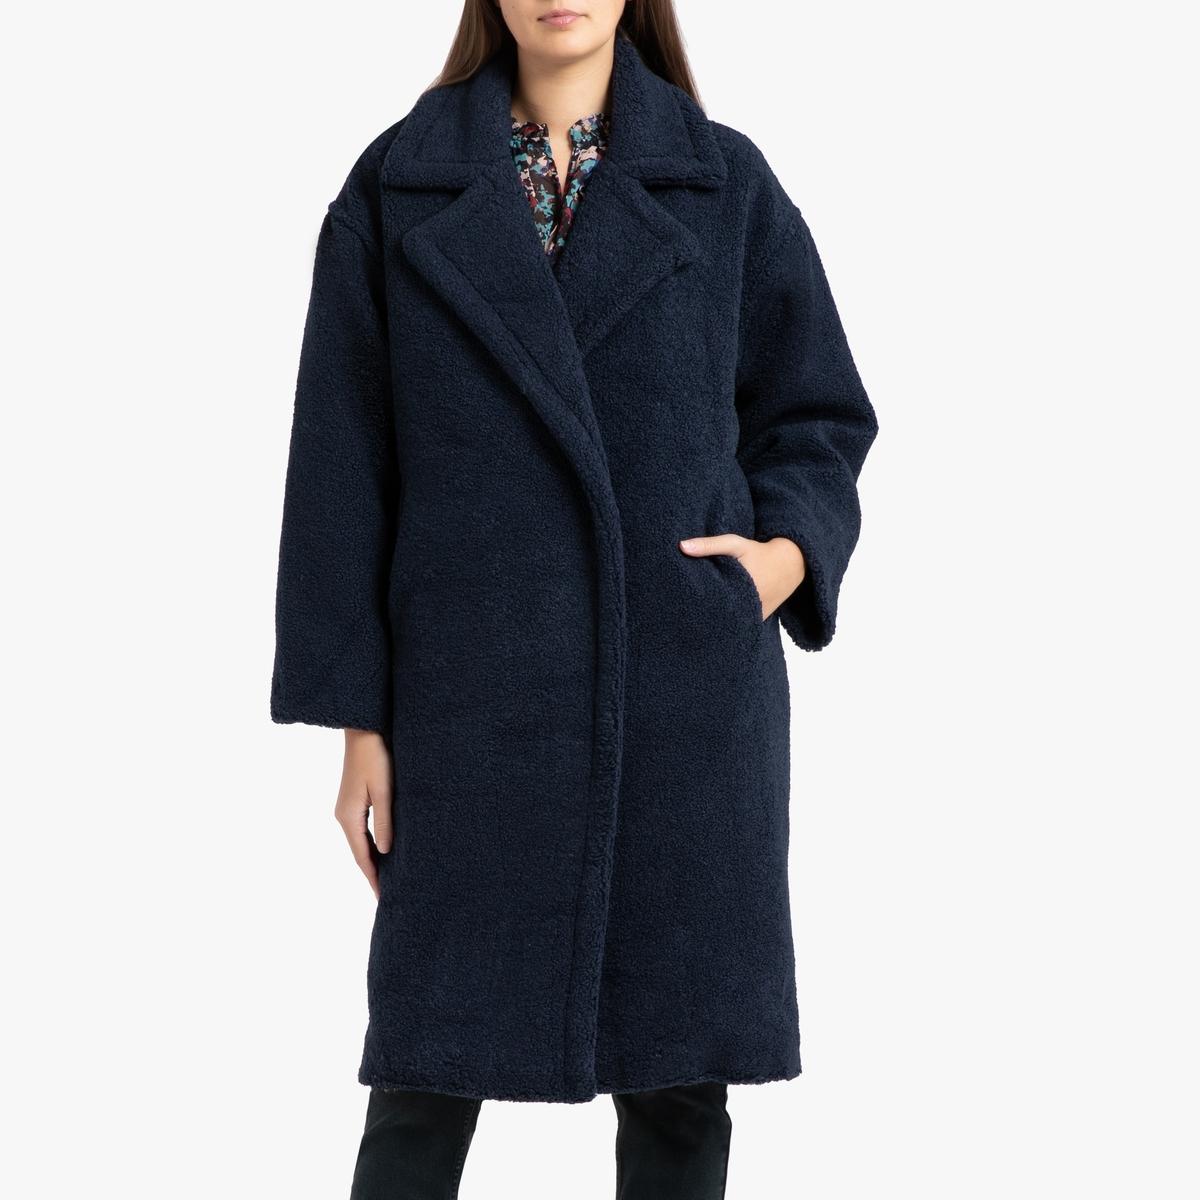 Пальто La Redoute Длинное на кнопках с воротником с лацканами EDONA 3(L) синий цена